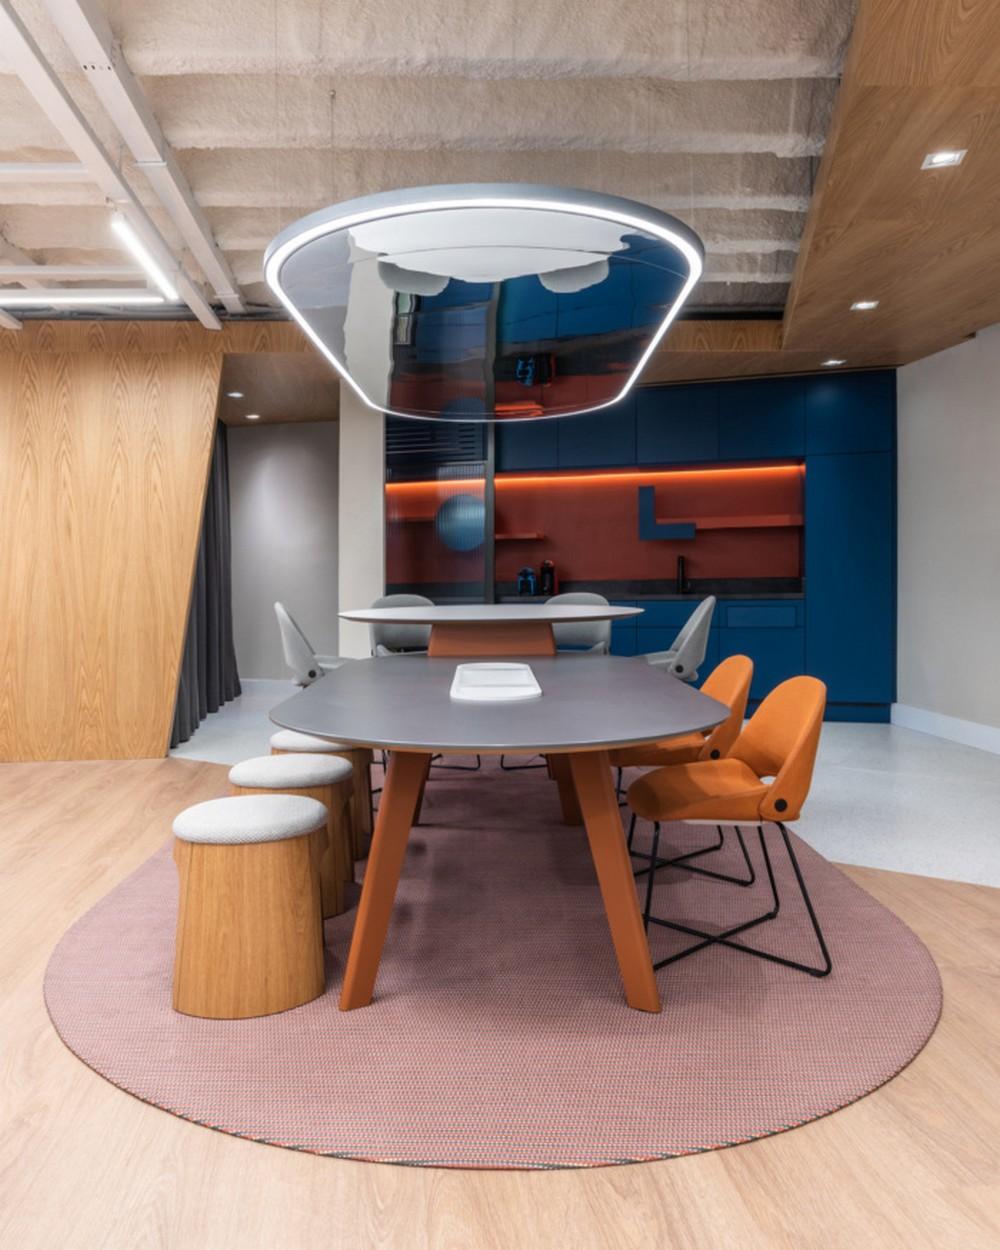 Best Interior Design Showrooms in São Paulo são paulo Best Interior Design Showrooms in São Paulo Best Interior Design Showrooms in S  o Paulo 16